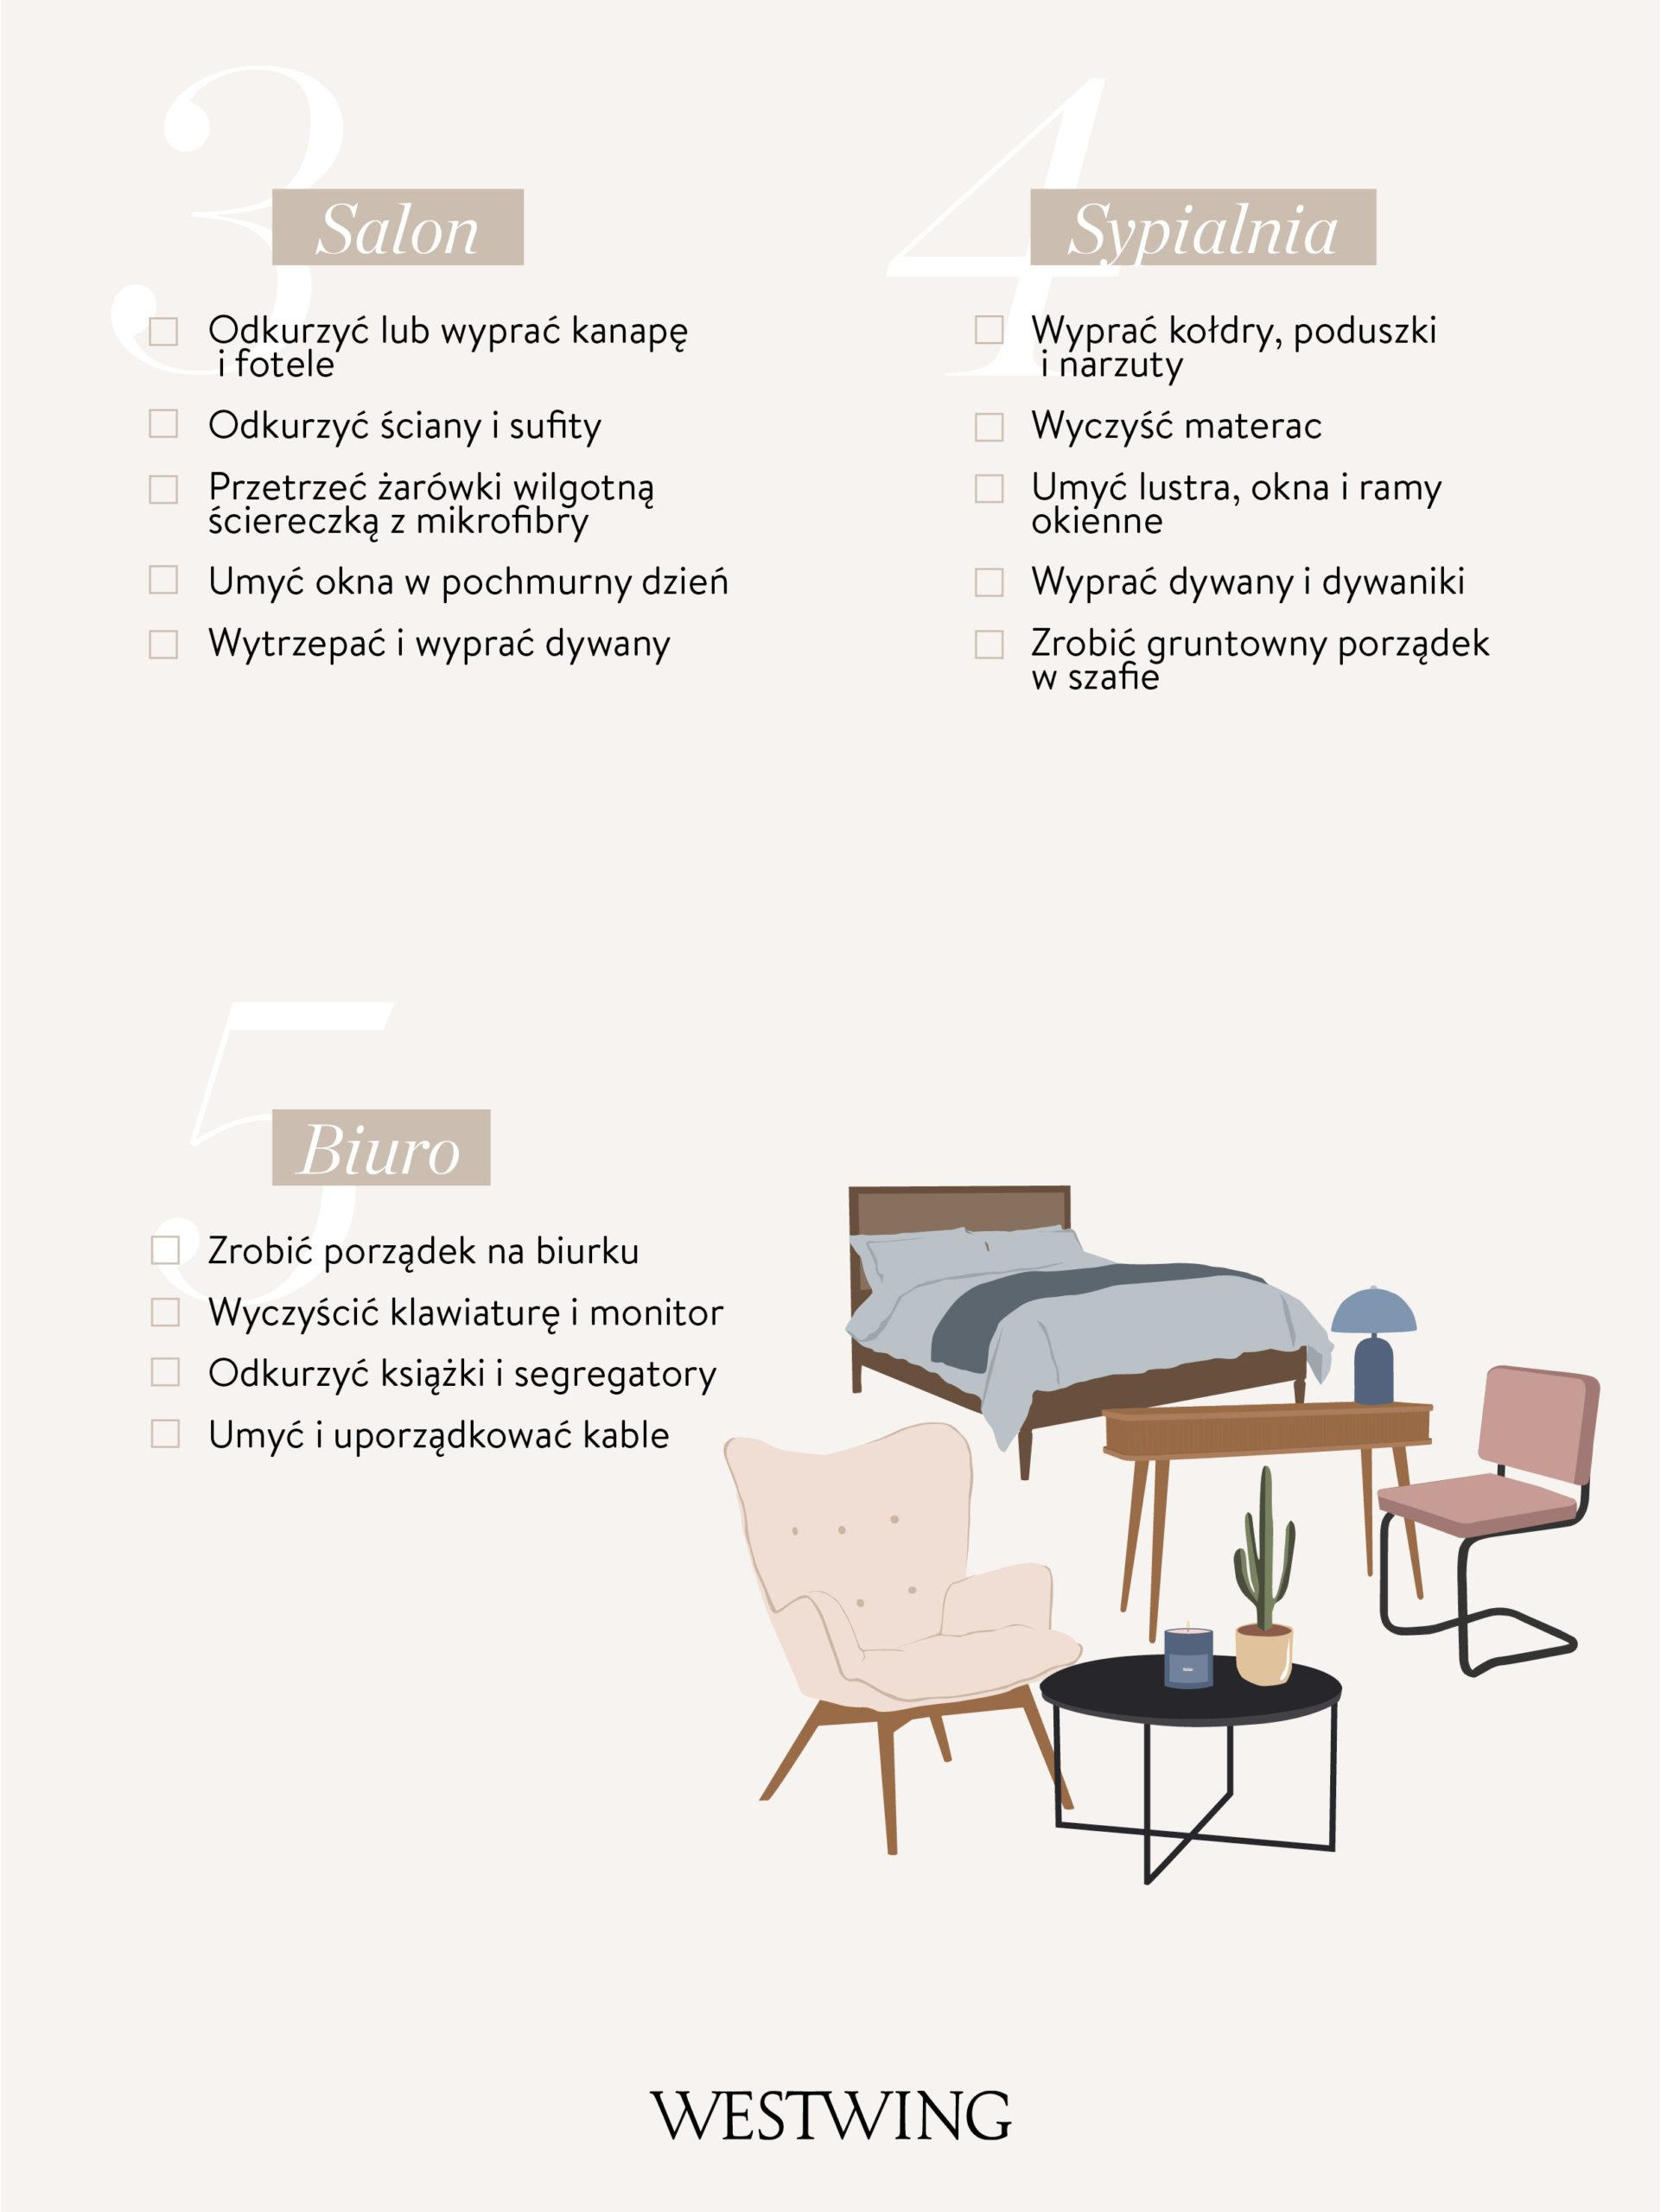 checklista wiosennych porządków